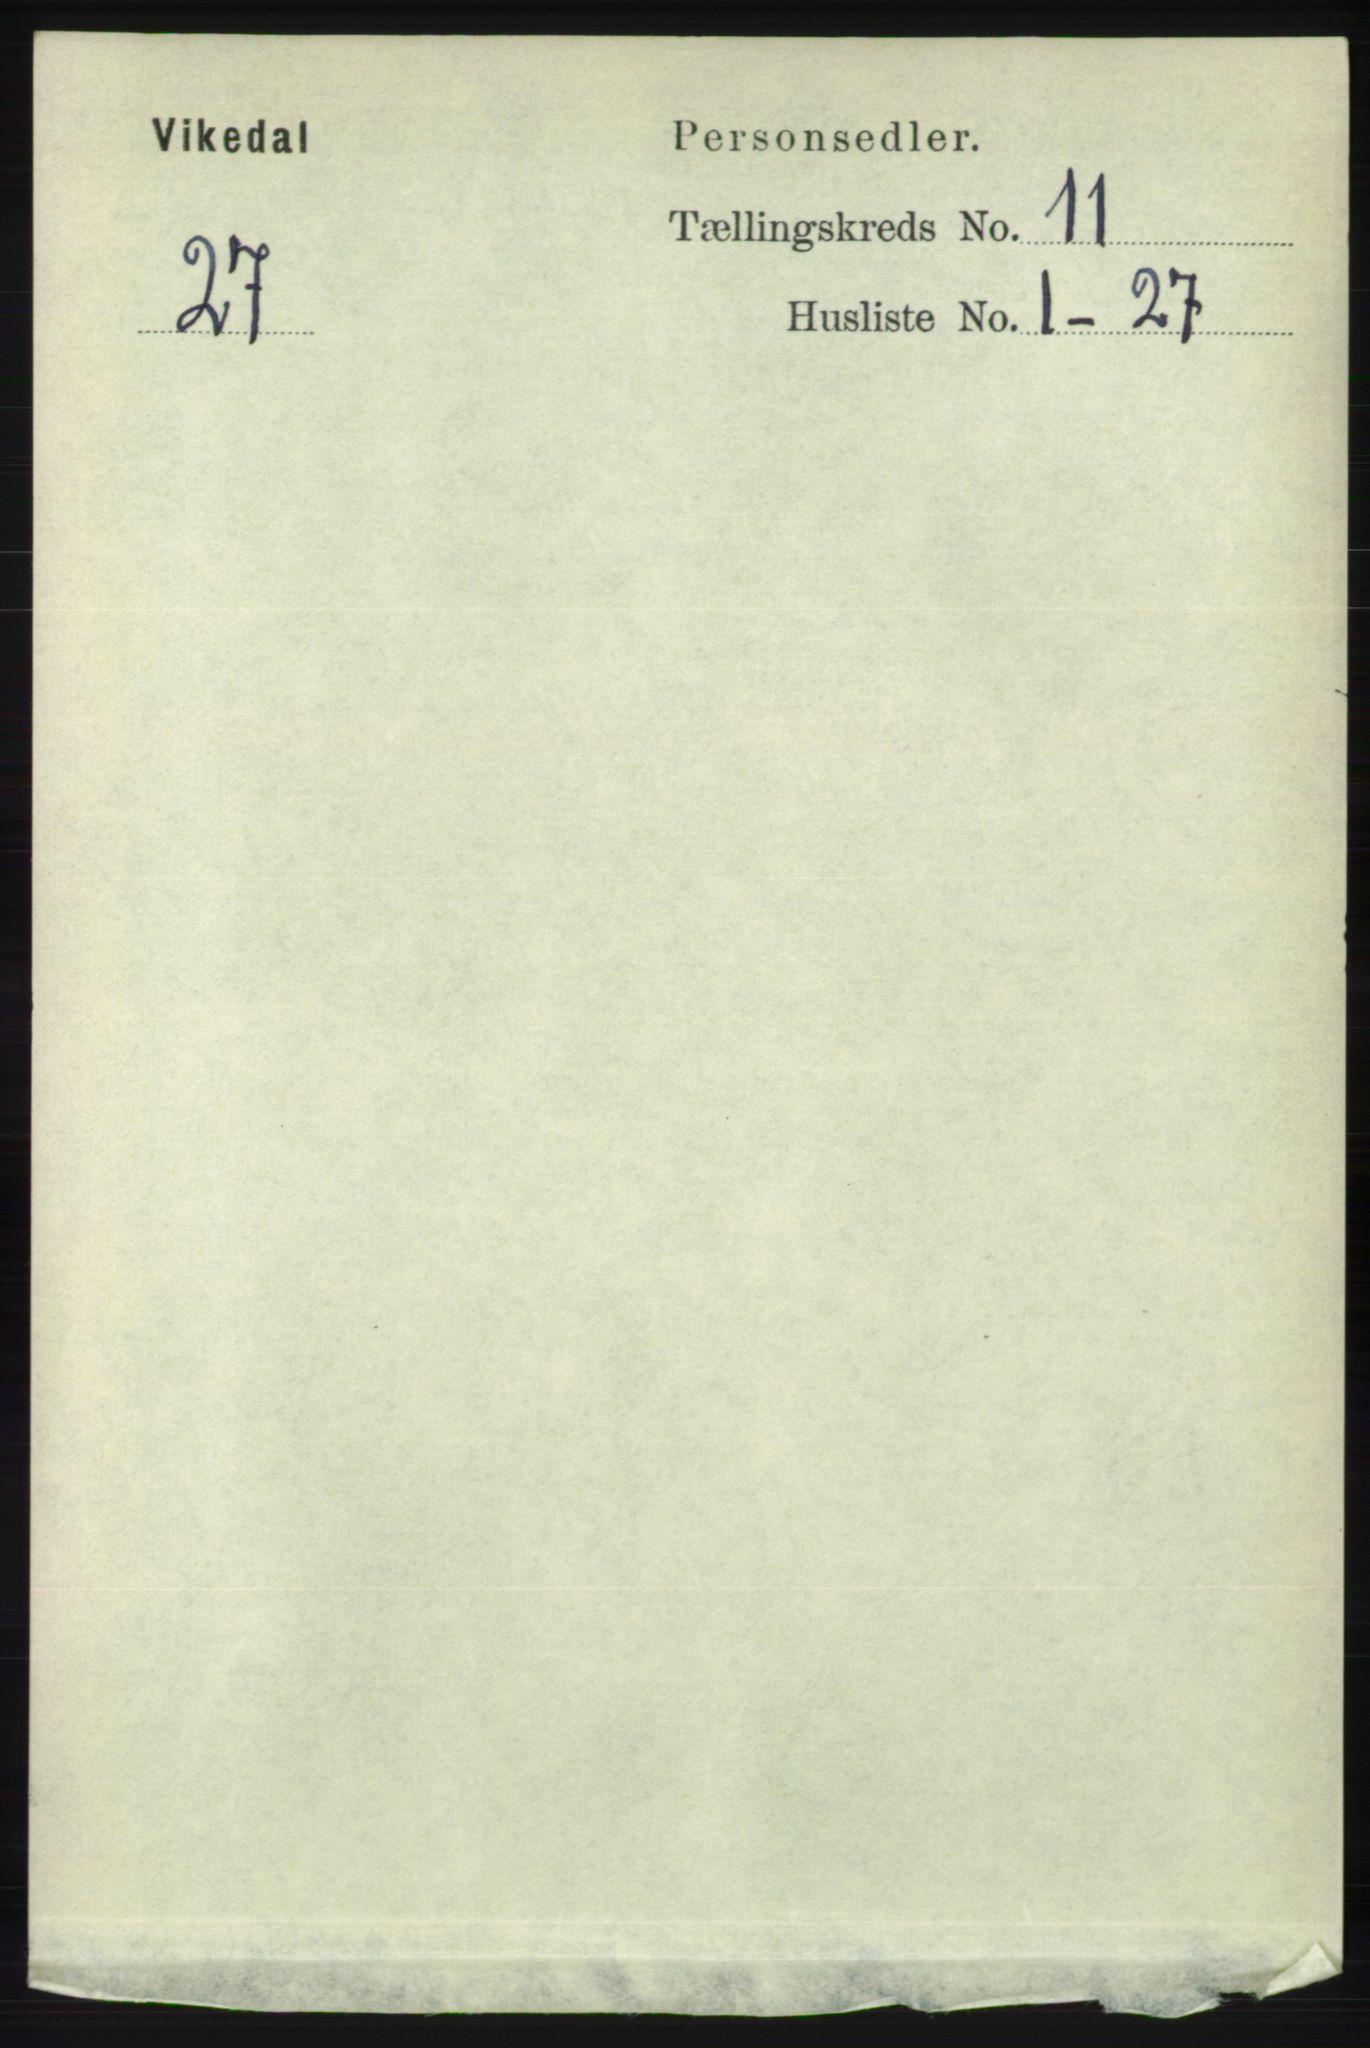 RA, Folketelling 1891 for 1157 Vikedal herred, 1891, s. 2896